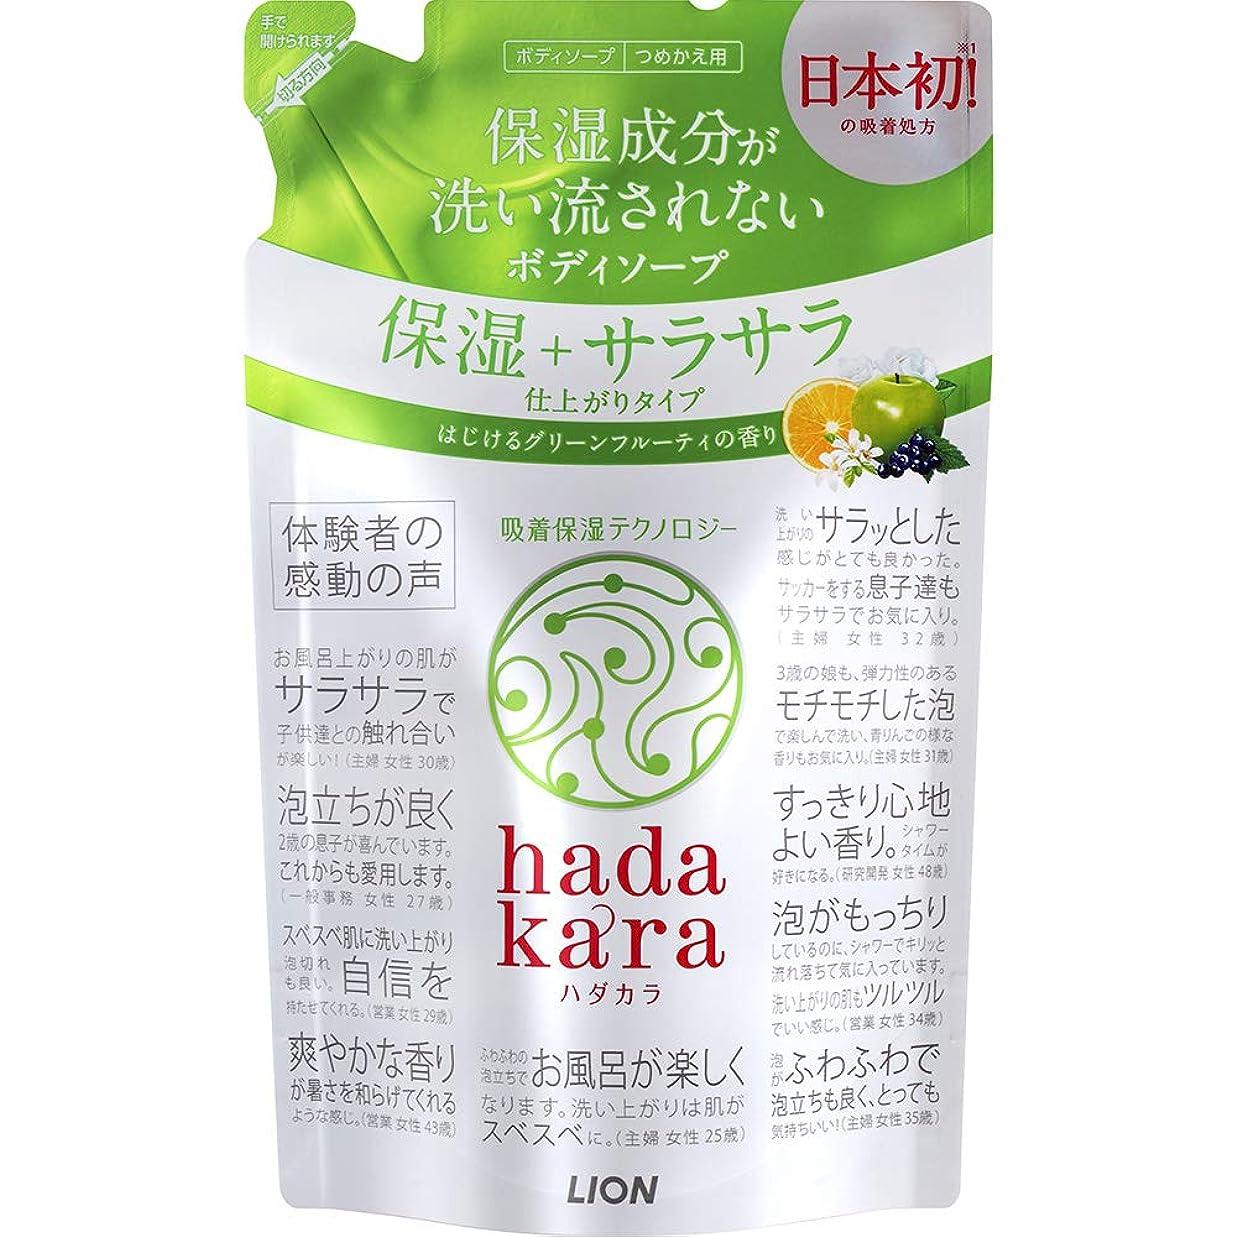 生き物無条件スクラブhadakara(ハダカラ) ボディソープ 保湿+サラサラ仕上がりタイプ グリーンフルーティの香り 詰め替え 340ml